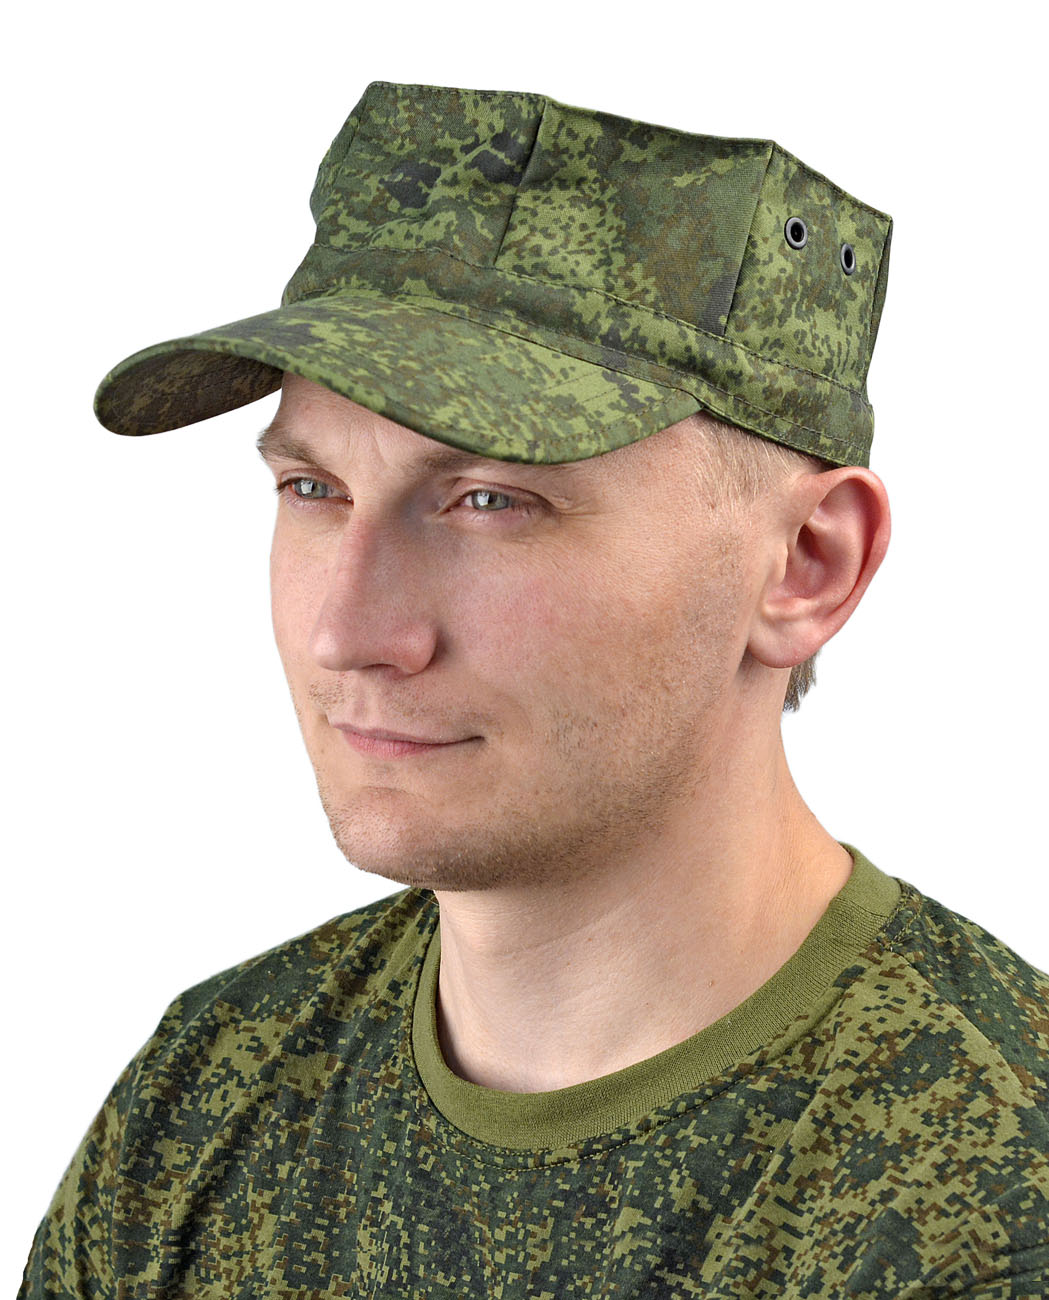 Кепка Gerkon Commando ратник (56)Кепки<br><br><br>Пол: мужской<br>Размер: 56<br>Сезон: лето<br>Материал: Смесовая (50% хлопок, 50% полиэфир), пл. 210 г/м2,